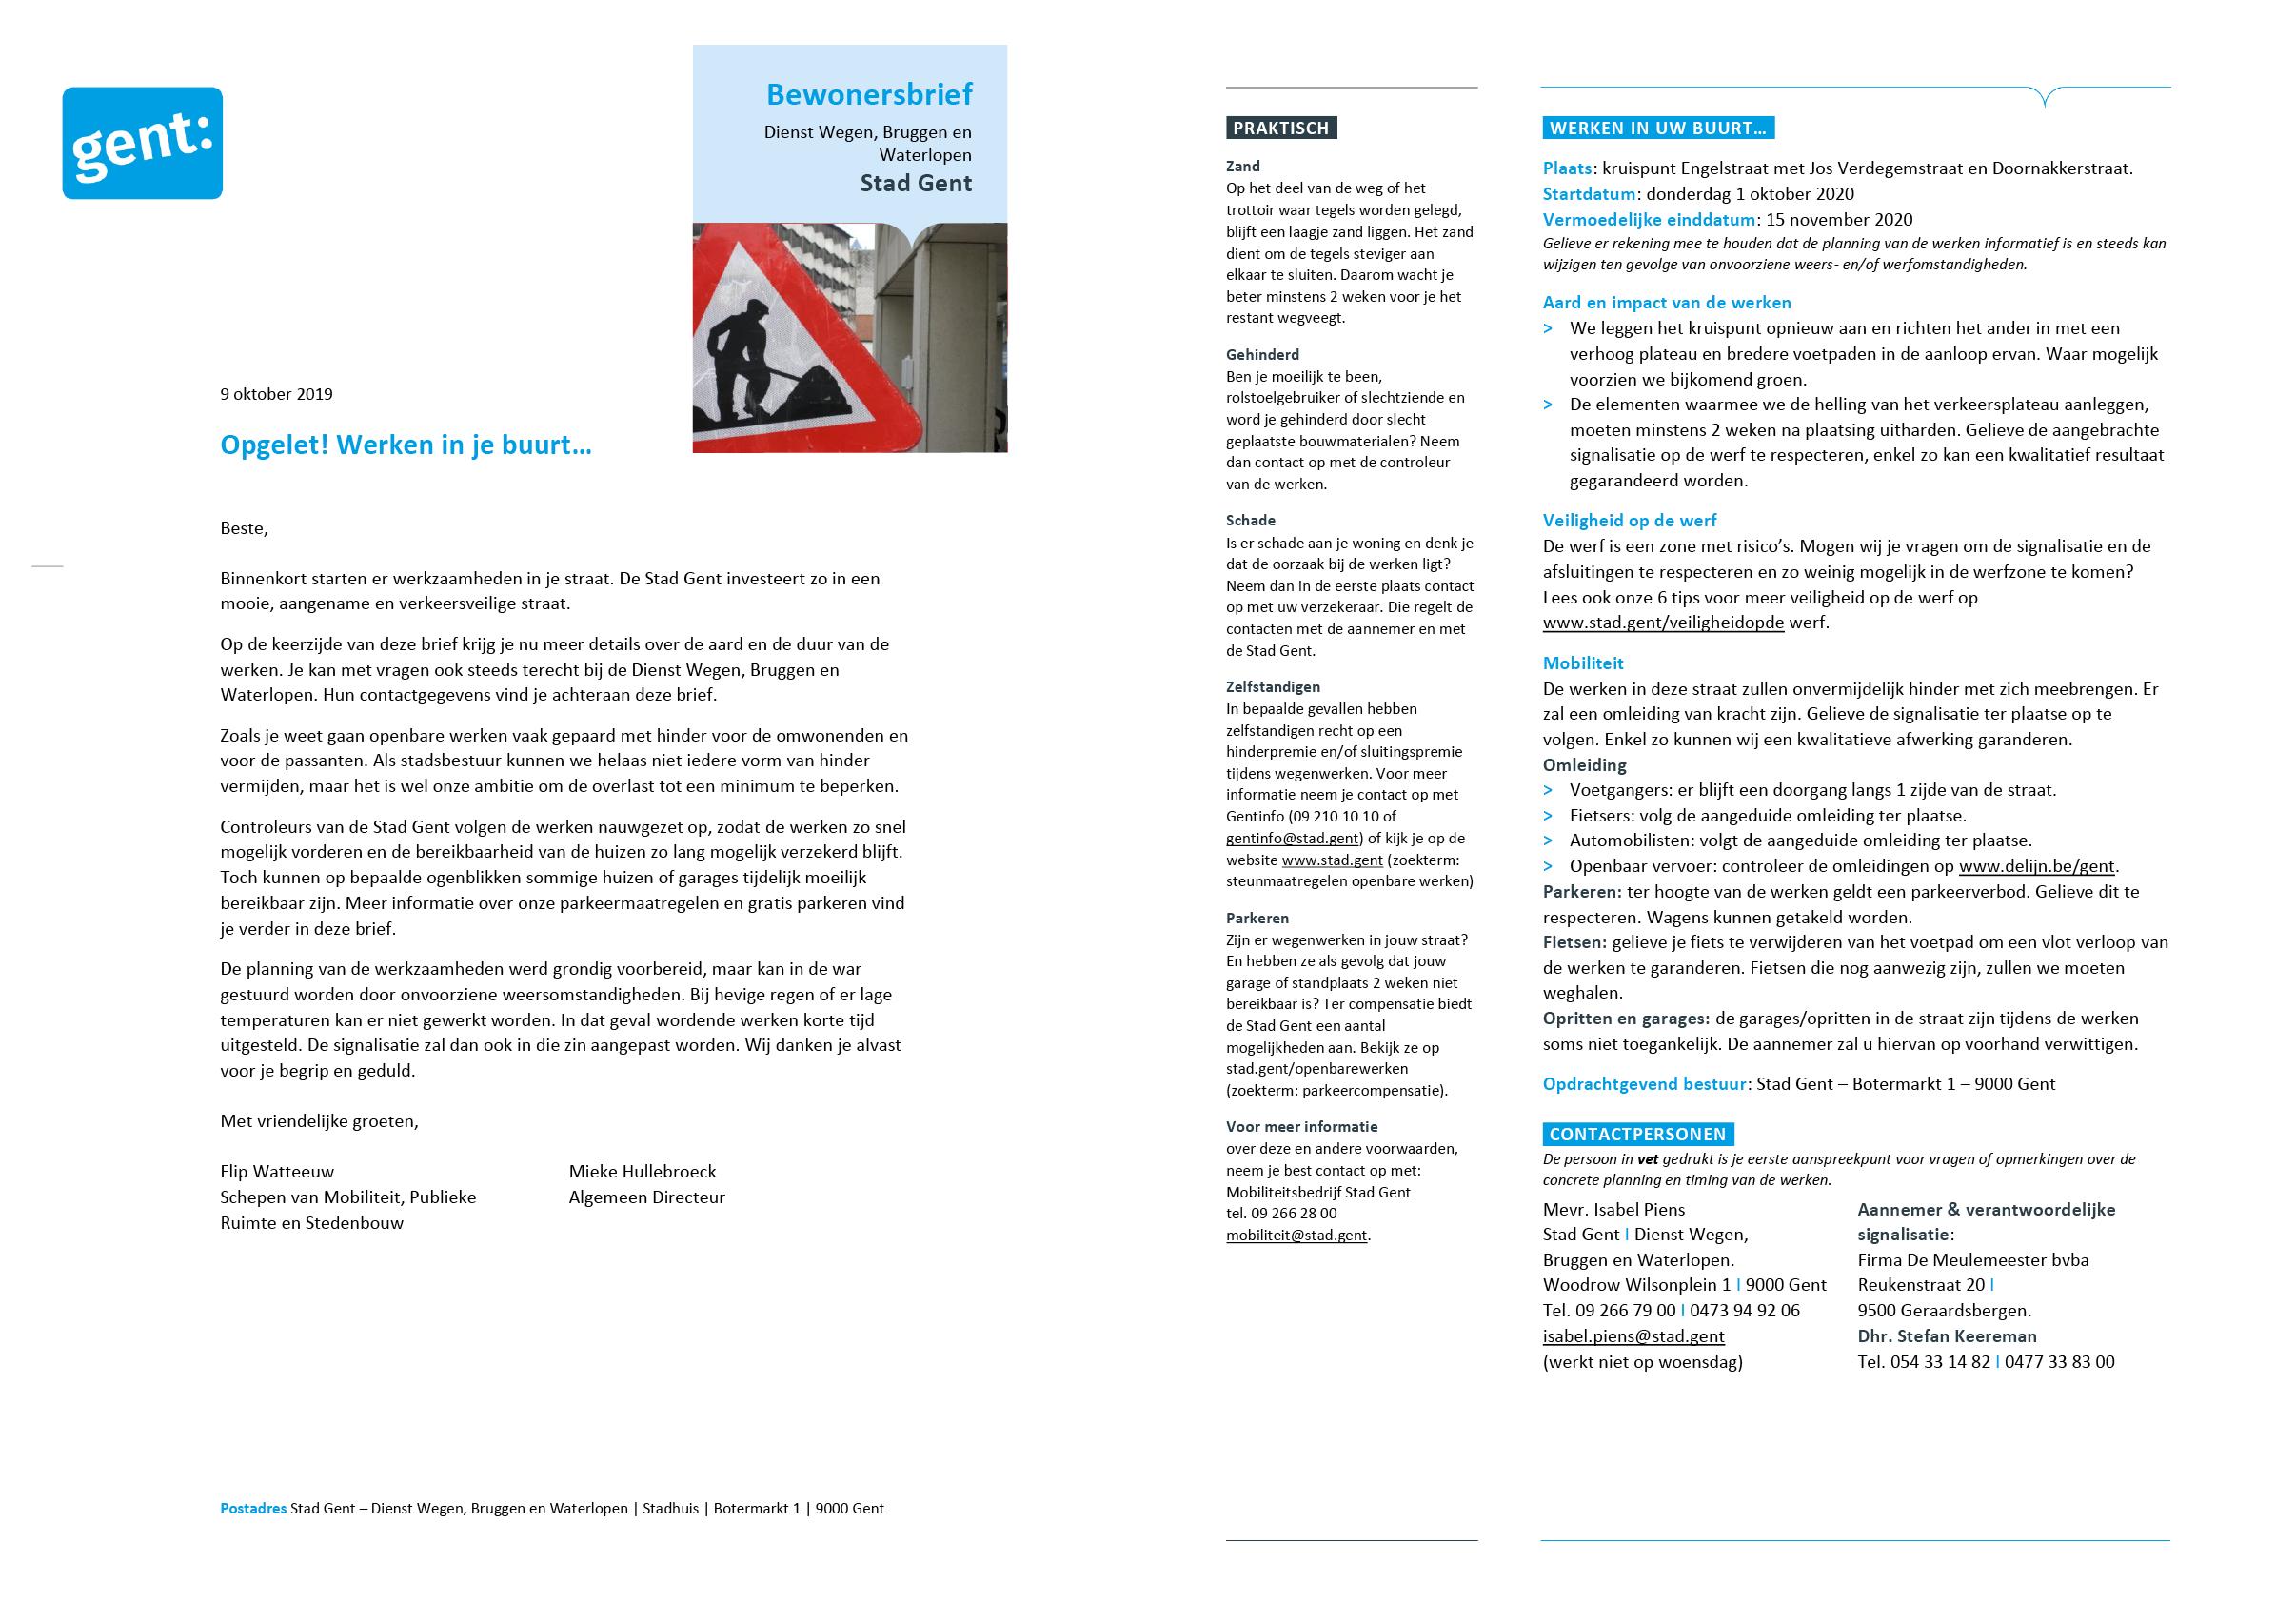 Bewonersbrief-sjabloon (ingevuld). Afgeleid Microsoft Word-sjabloon voor de Stad Gent.